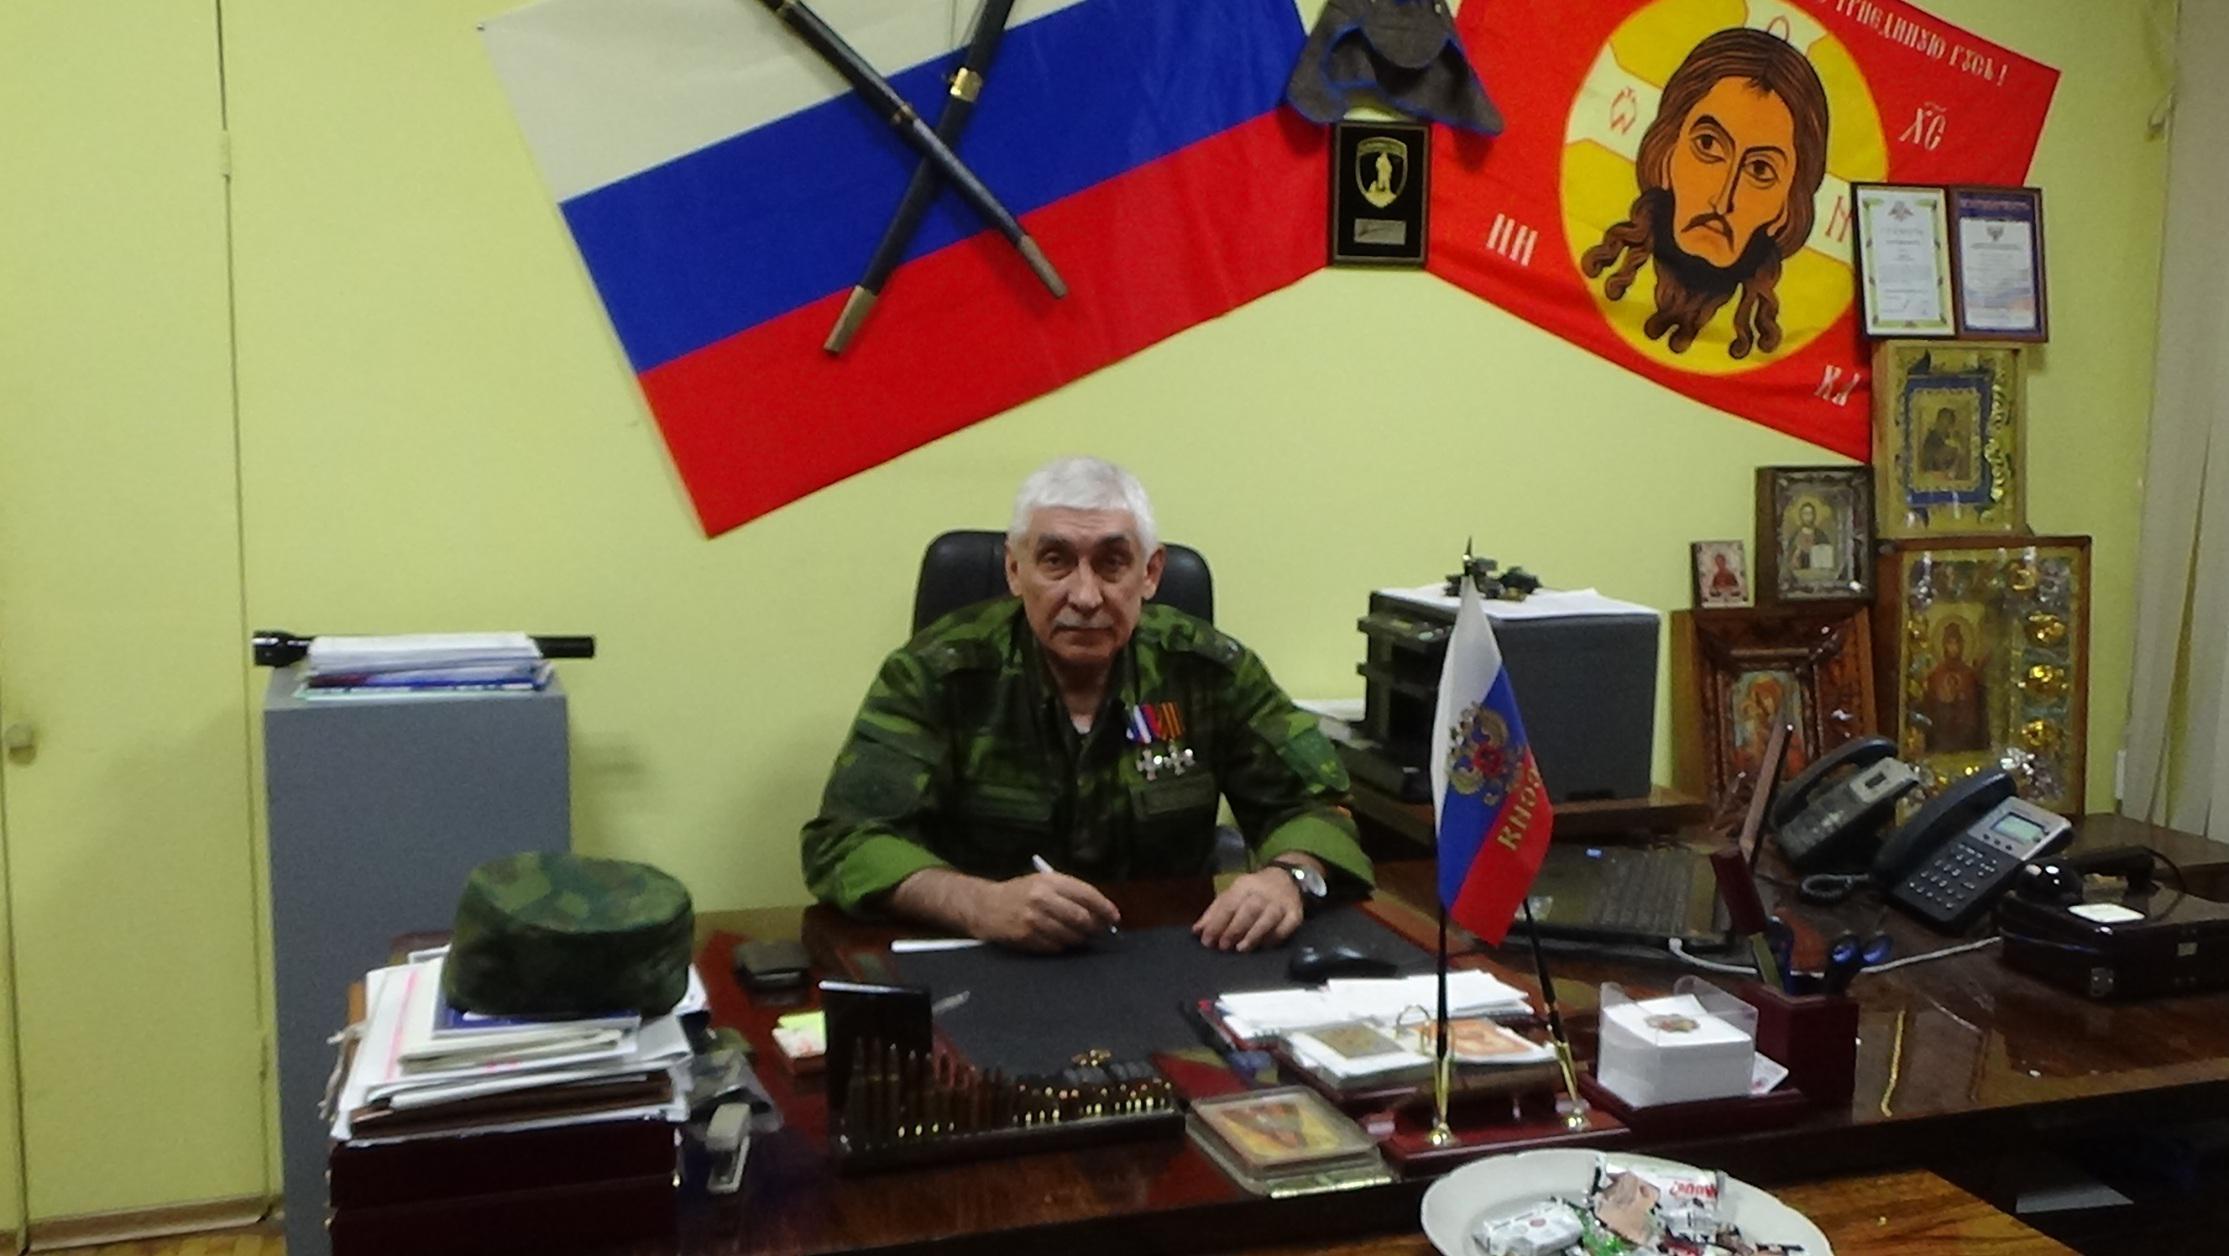 Александр Немогай (позывной